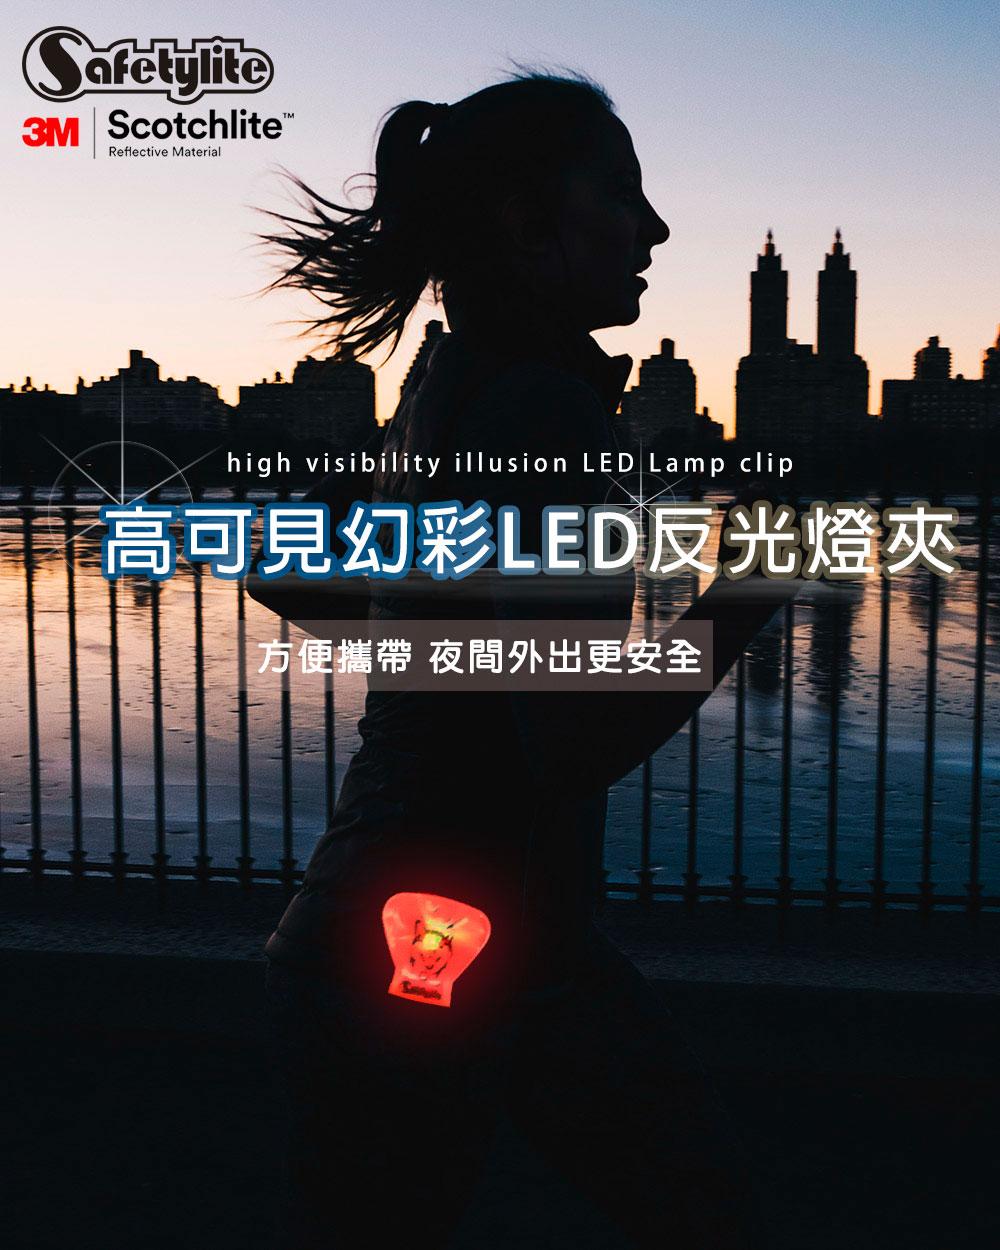 高可見幻彩LED反光燈夾 3MScotchlite 可重覆使用 有3M防偽LOGO LED燈 反光燈夾 胸夾 磁鐵夾 警示